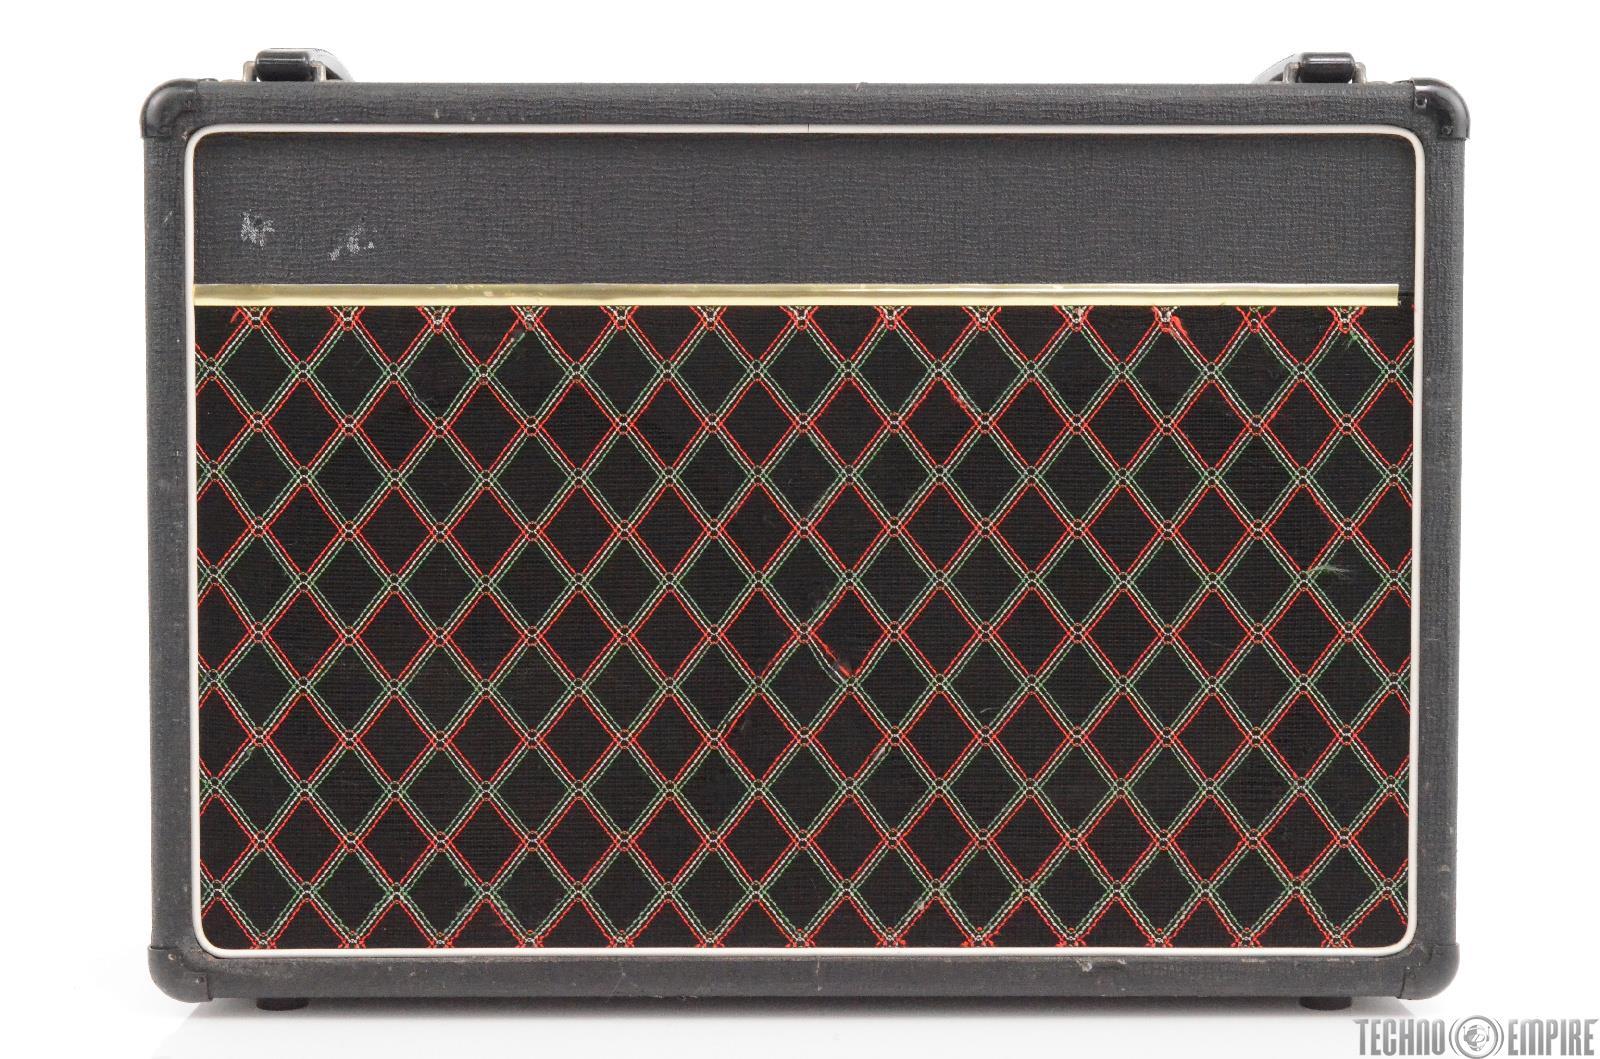 Vox V15 15 Watt 2x10 Guitar Tube Combo Amp Amplifier Owned by Andrew Gold #29357